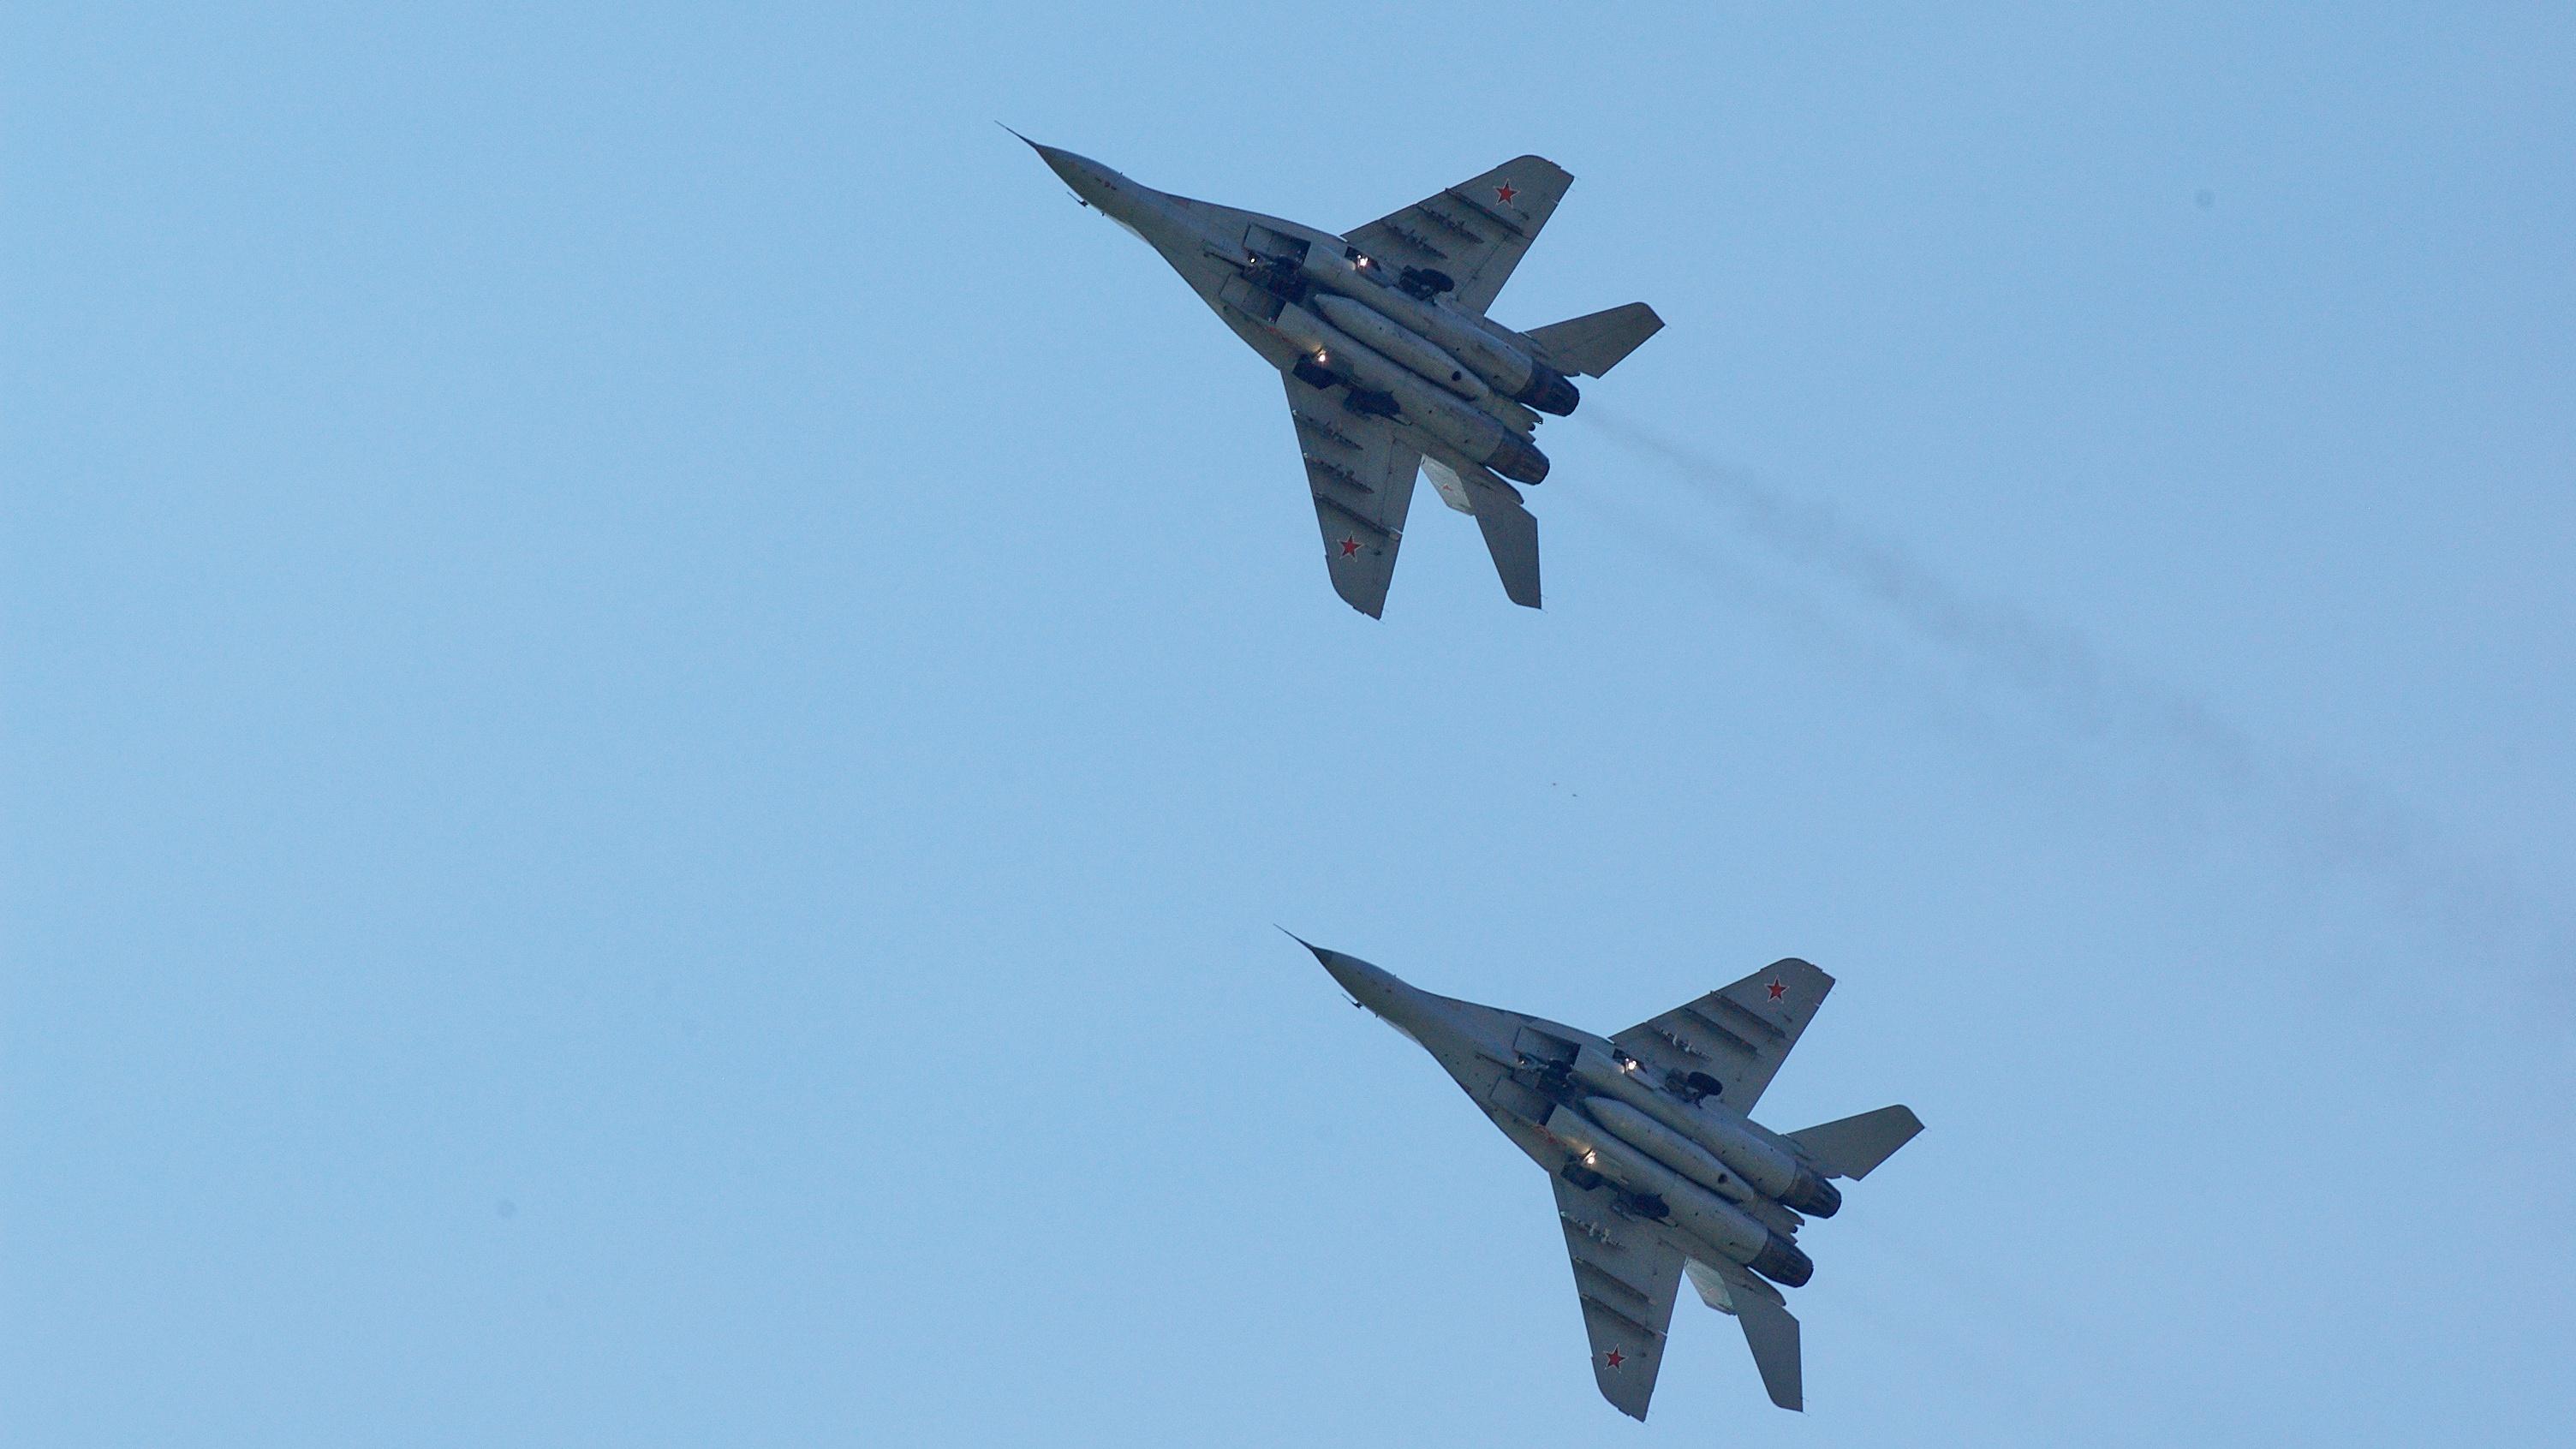 Минобороны Индии одобрило приобретение у РФ 21 истребителя МиГ-29